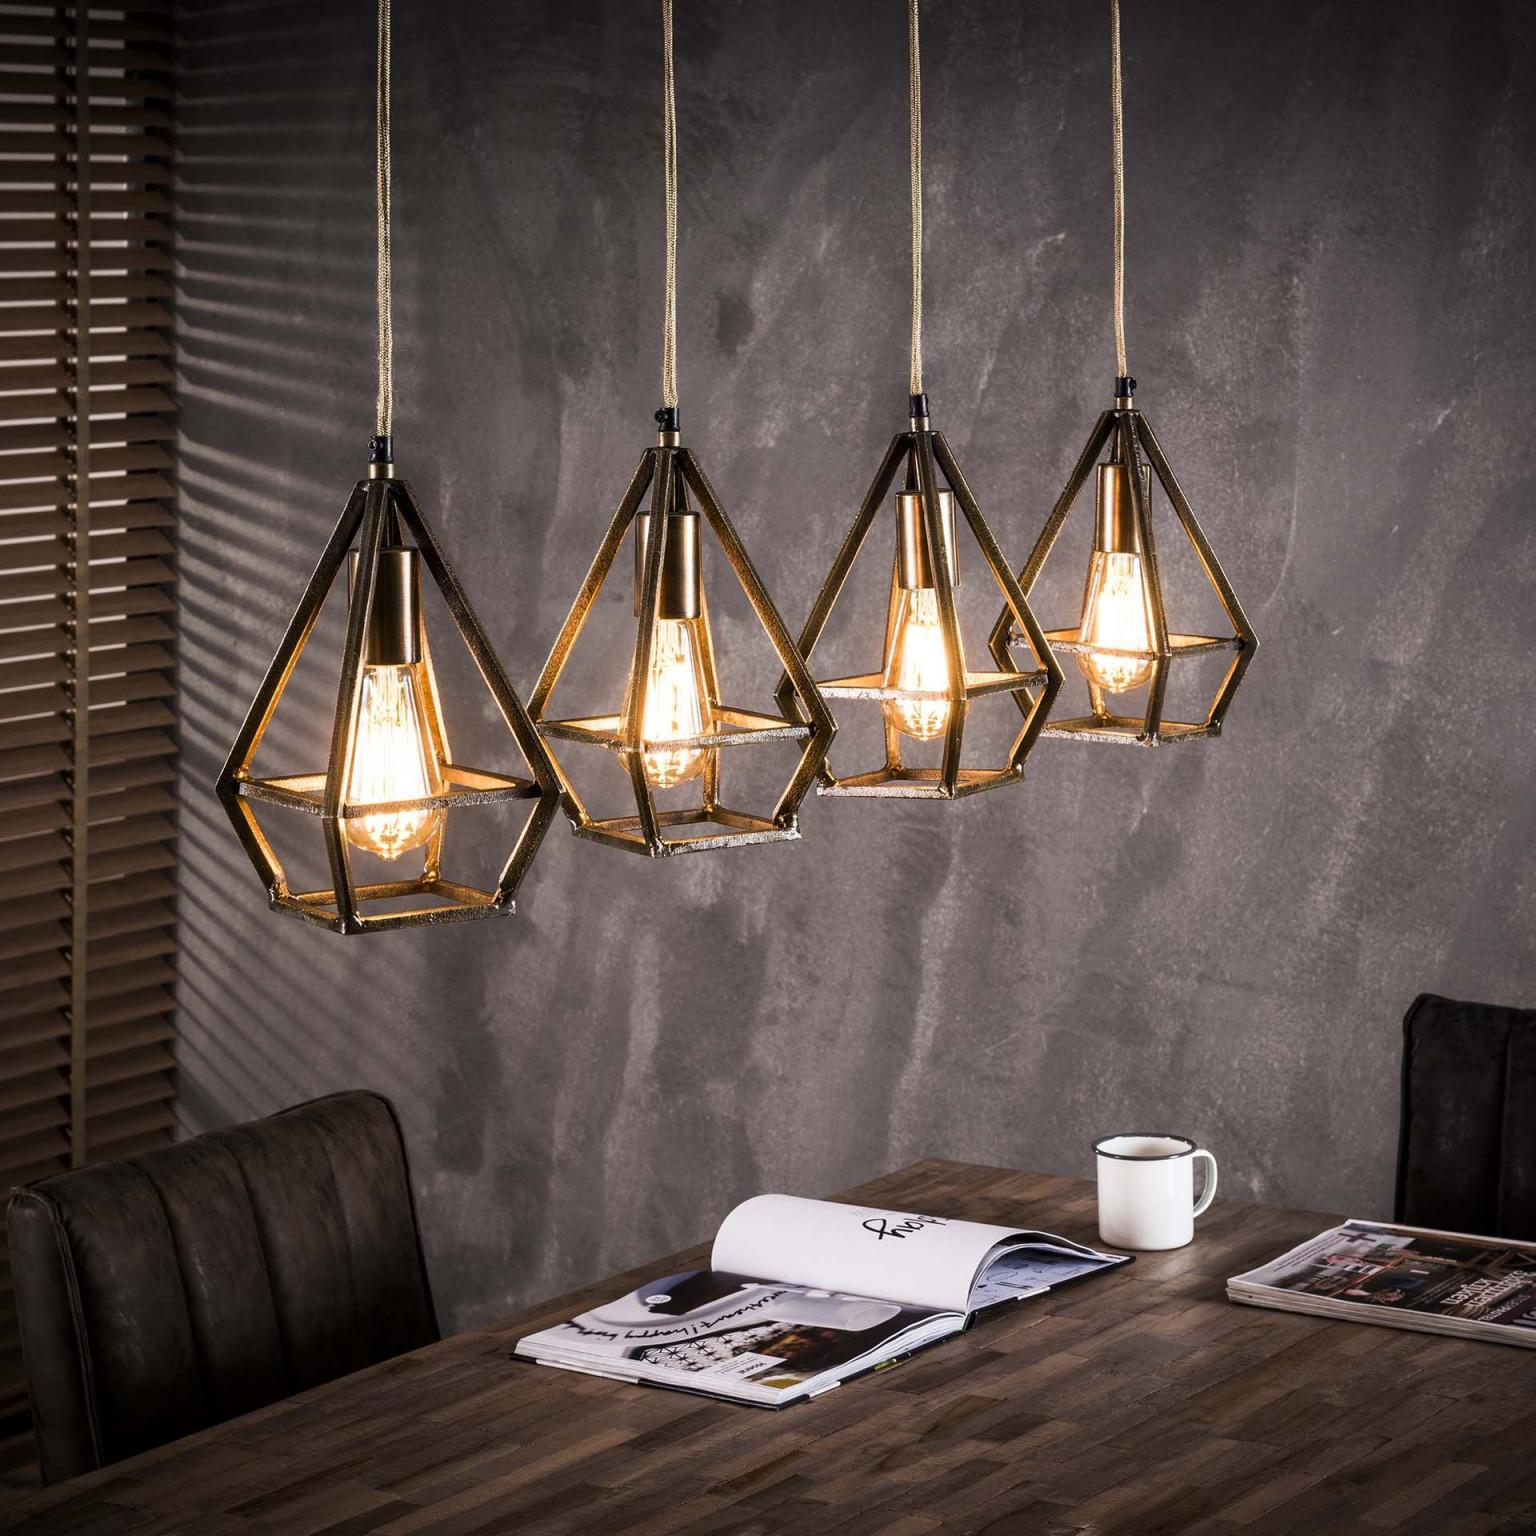 Hängelampe Drop  Beleuchtung Wohnzimmer Schlafzimmer Lampe von Wohnzimmer Lampe Industrial Bild